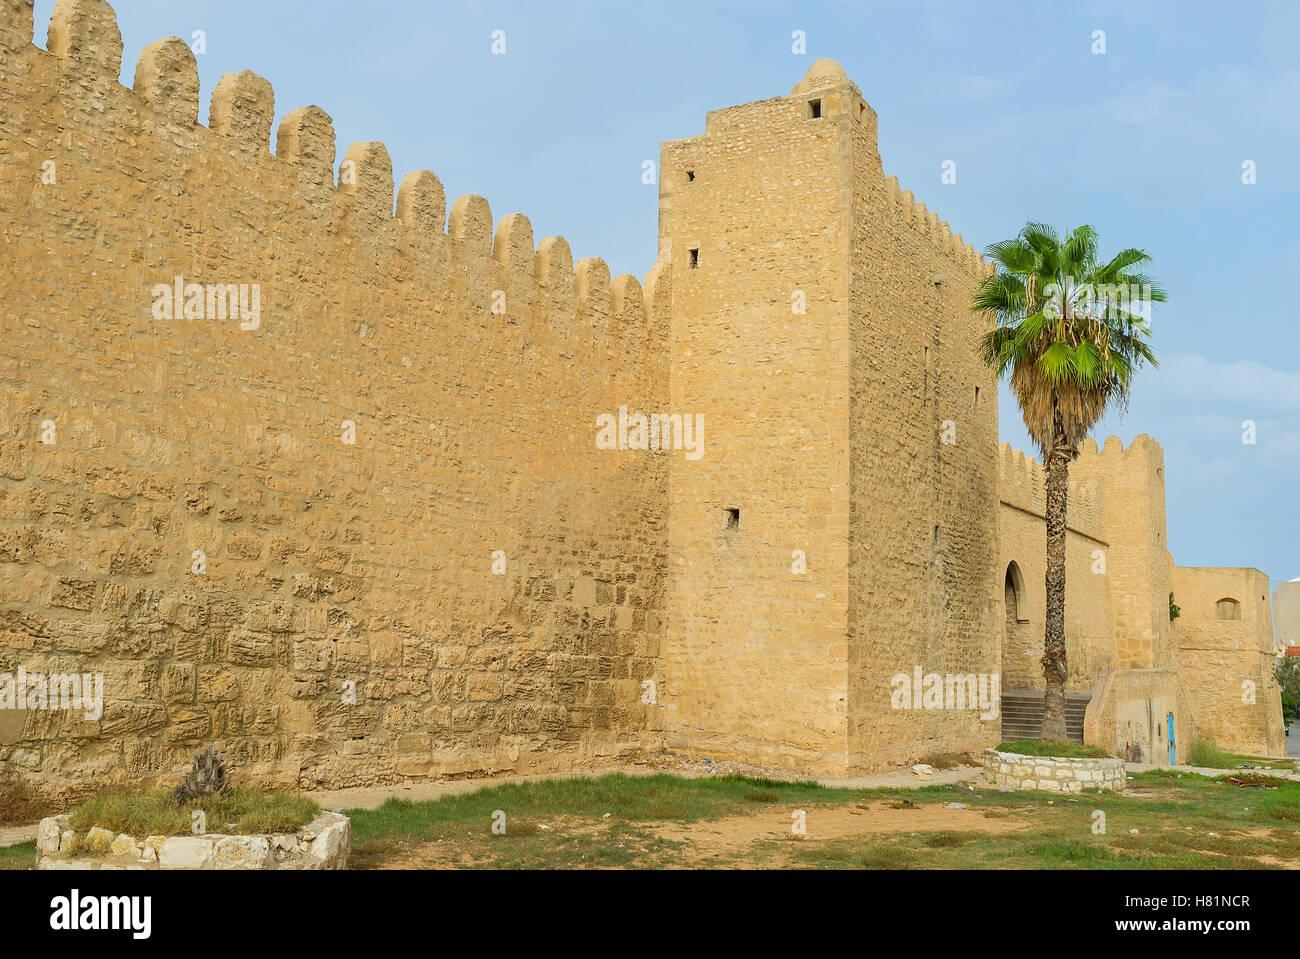 La fortification bien préservé de Sousse a beaucoup de portes de chaque côté, la Tunisie. Photo Stock